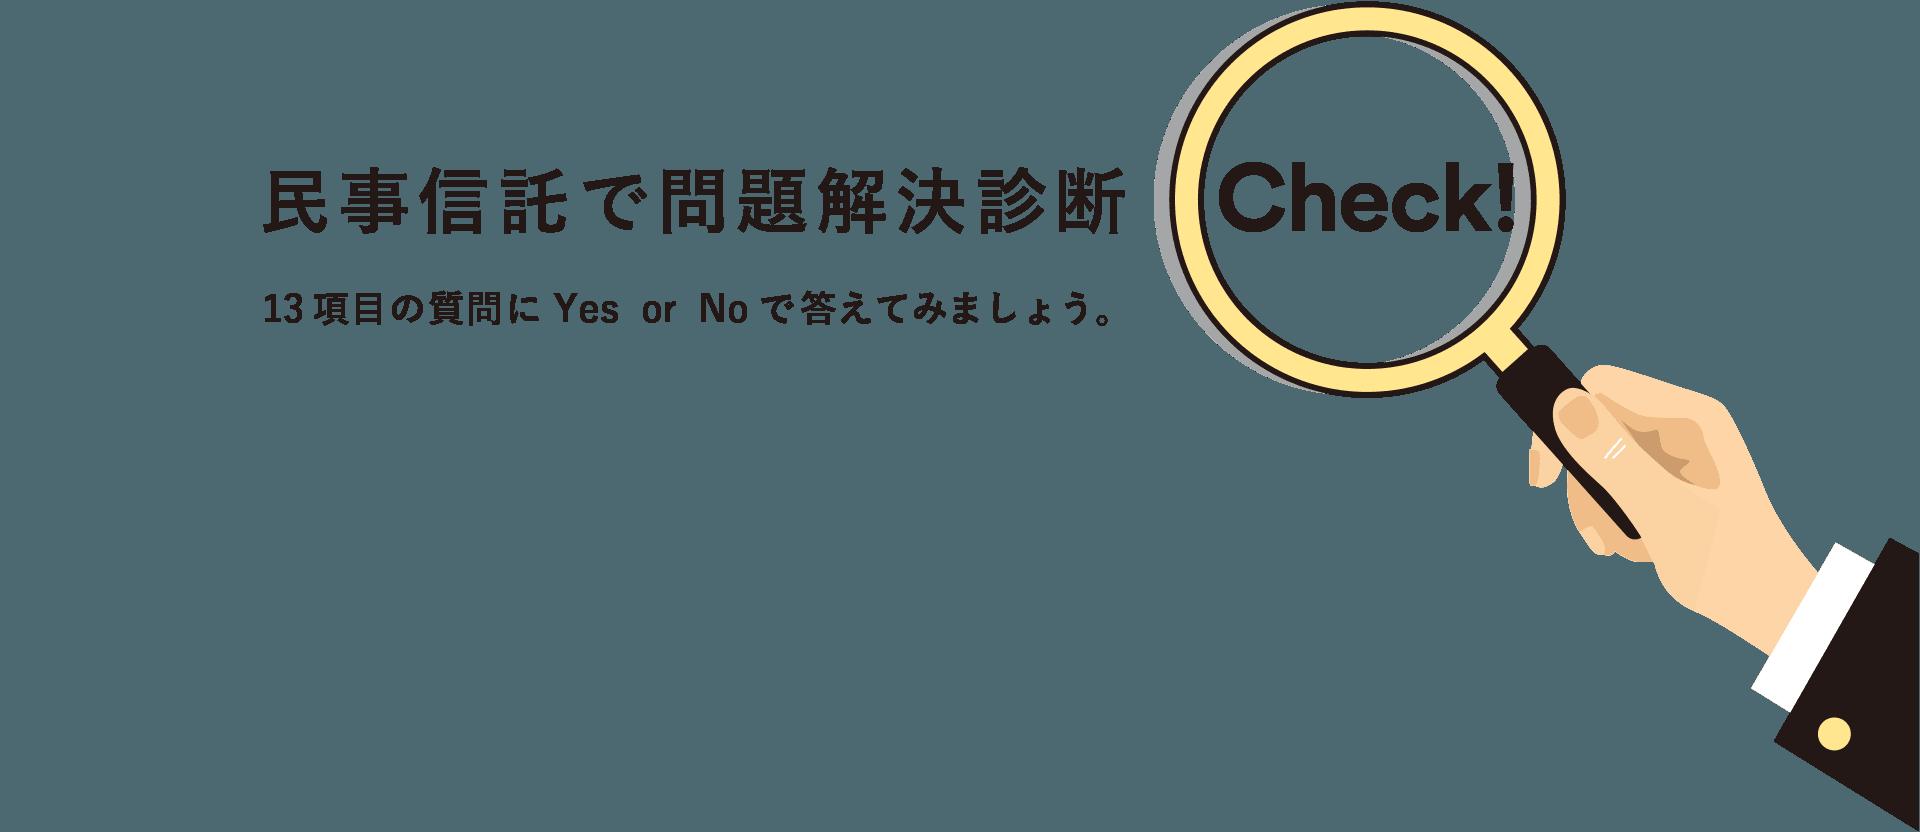 民事信託で問題解決診断Check!